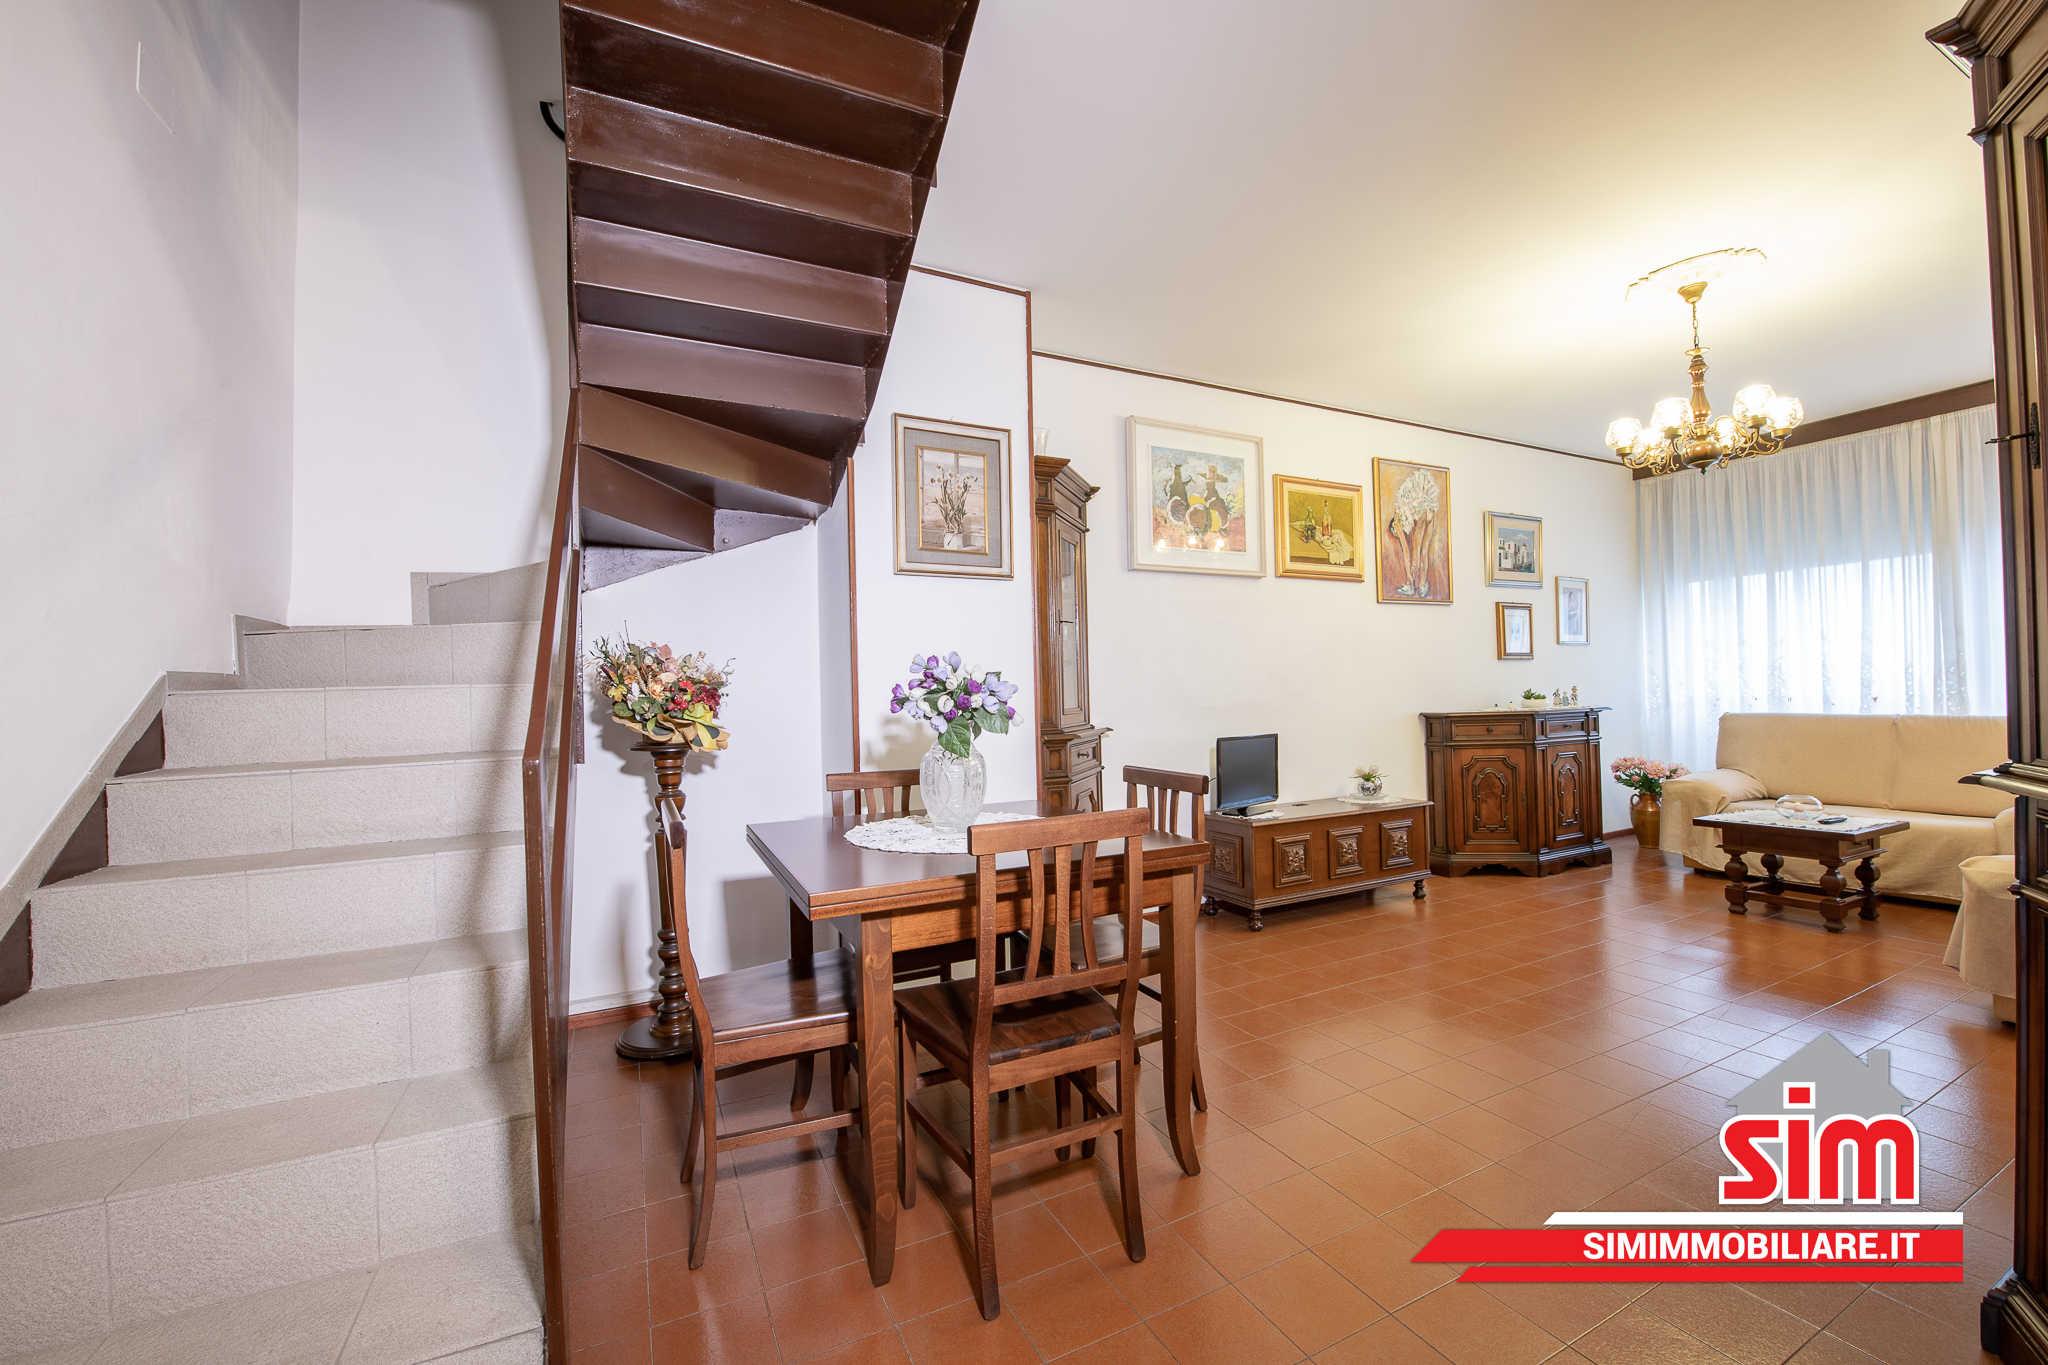 case in vendita novarablog sim immobiliare novara